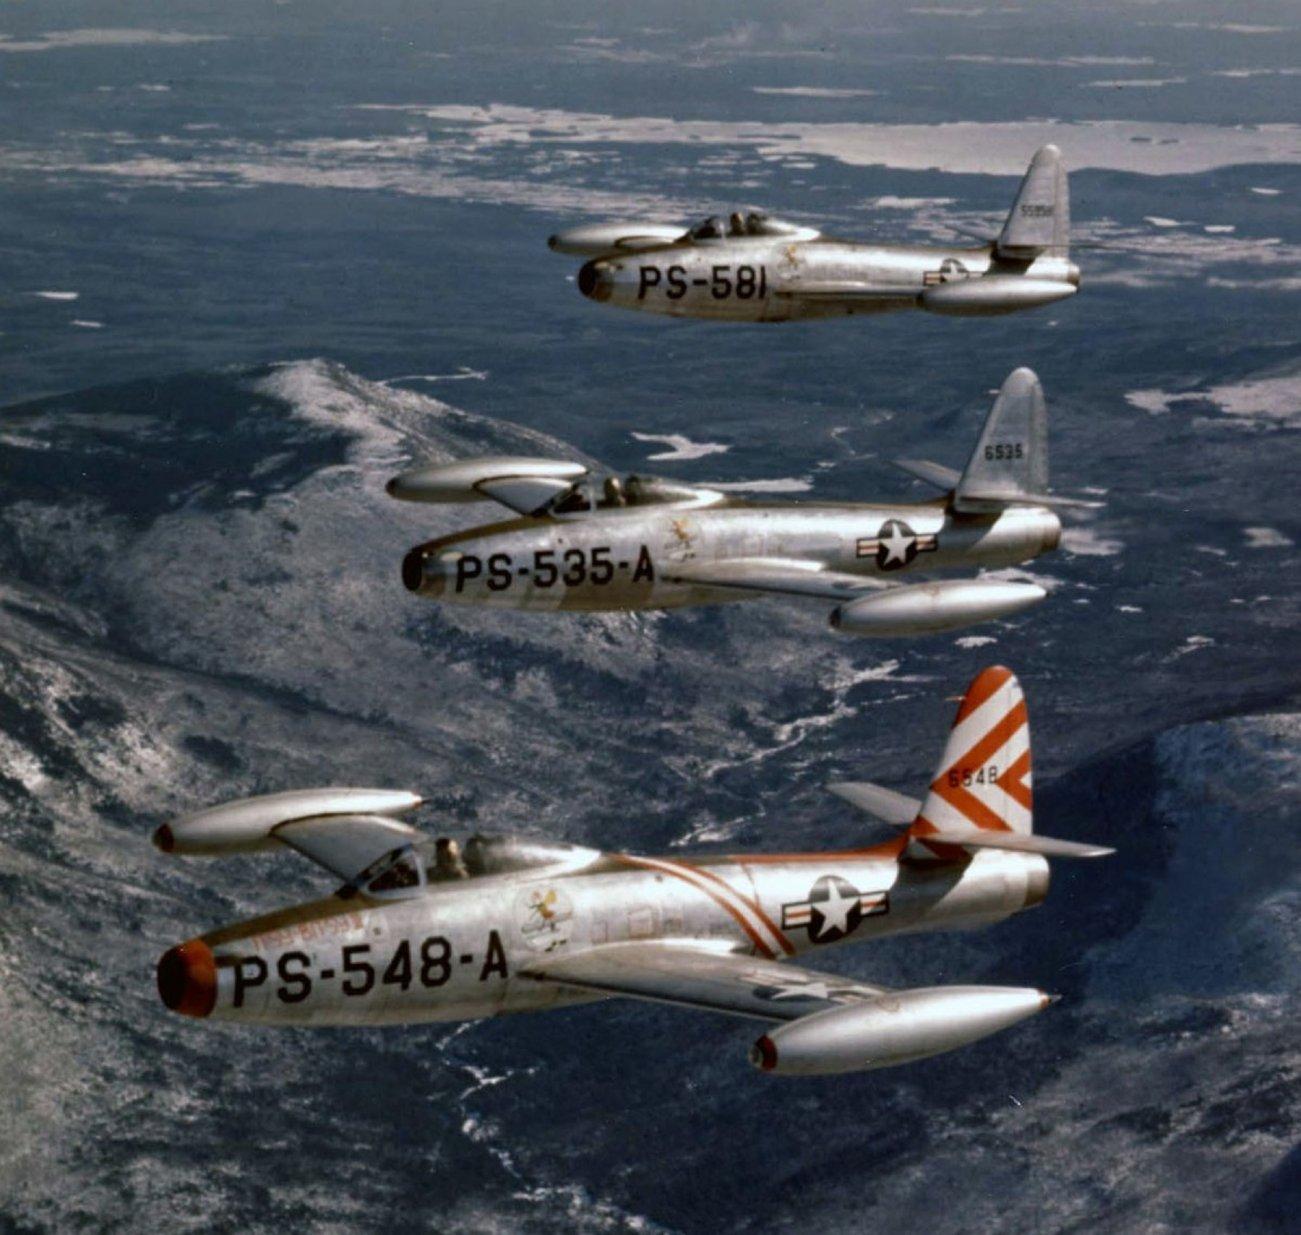 The F-84 Thunderjet: The Jet That Terrorized North Korea